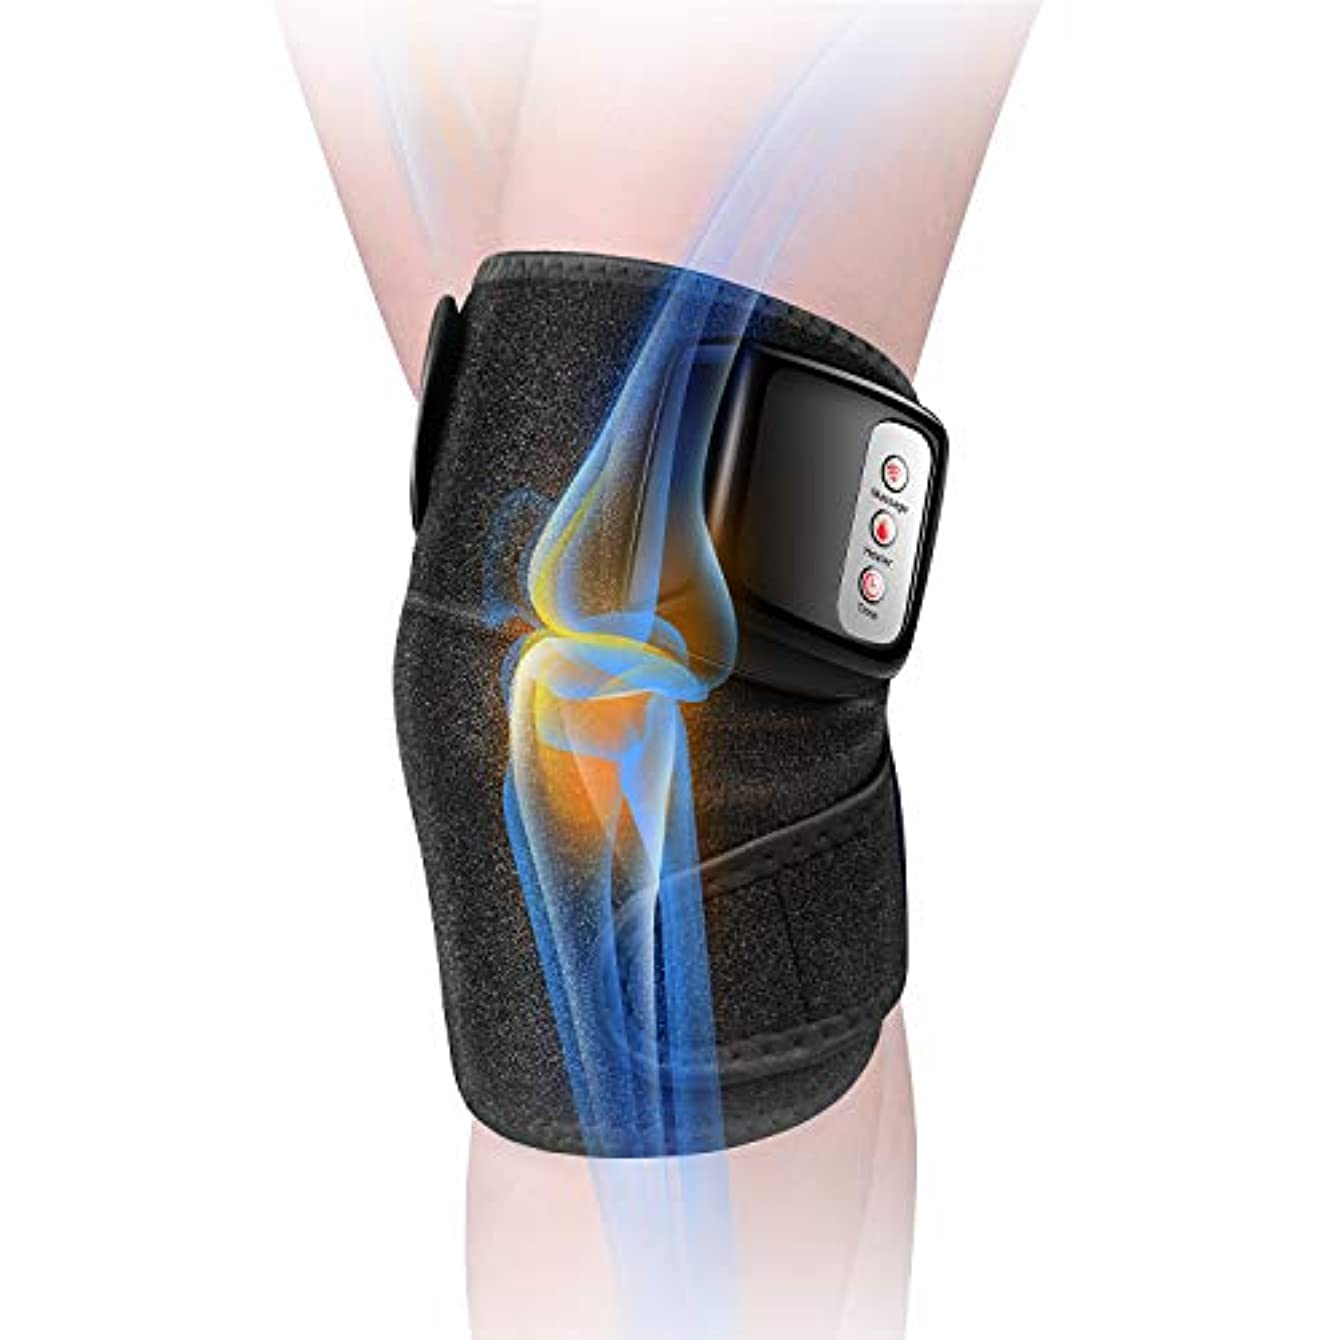 比較溶接社会主義膝マッサージャー 関節マッサージャー マッサージ器 フットマッサージャー 振動 赤外線療法 温熱療法 膝サポーター ストレス解消 肩 太もも/腕対応